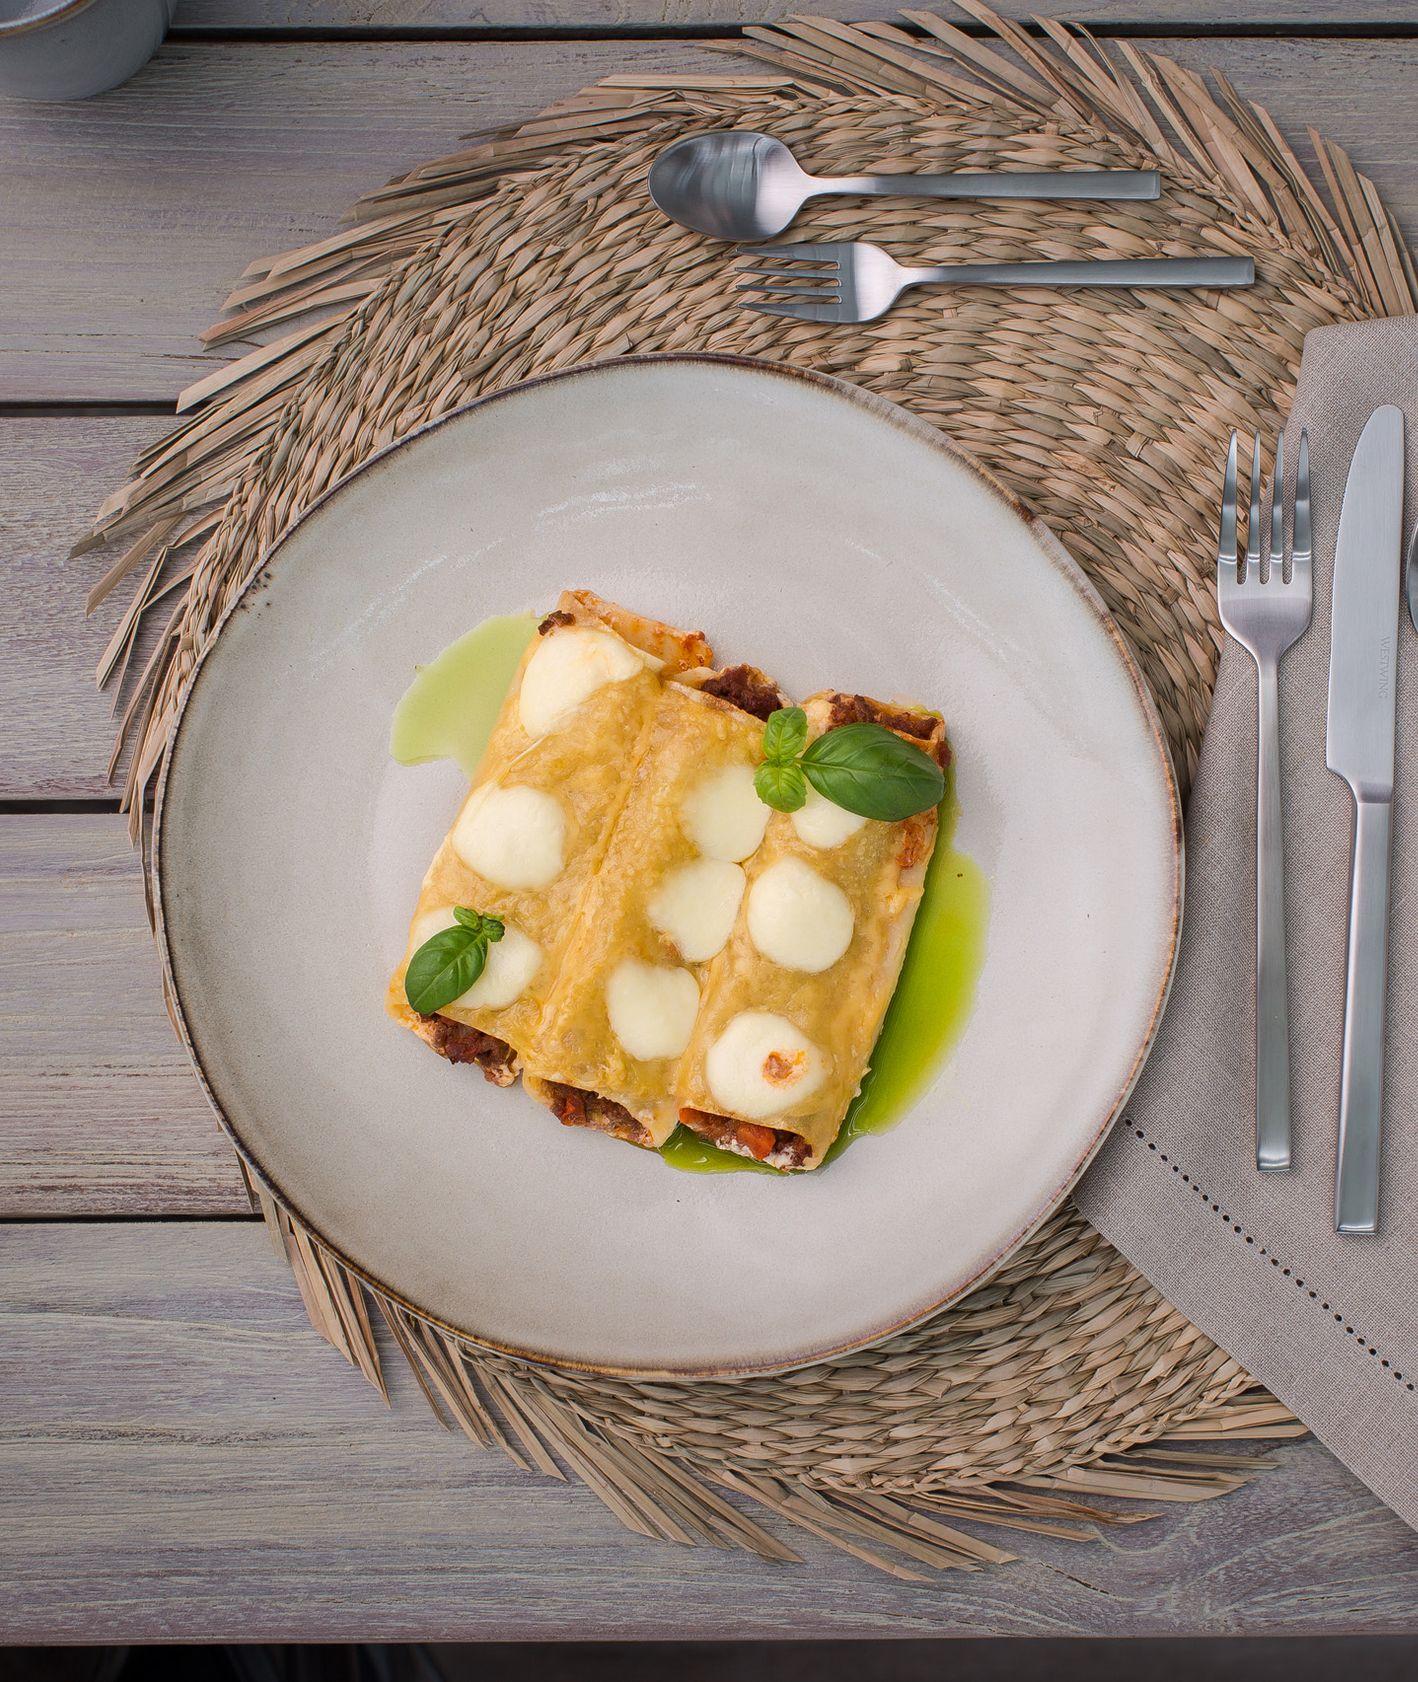 Cannelloni z jagnięcym ragù, mozzarellą, burratą i ze świeżymi ziołami. Westwing (for. dinnershow.studio)